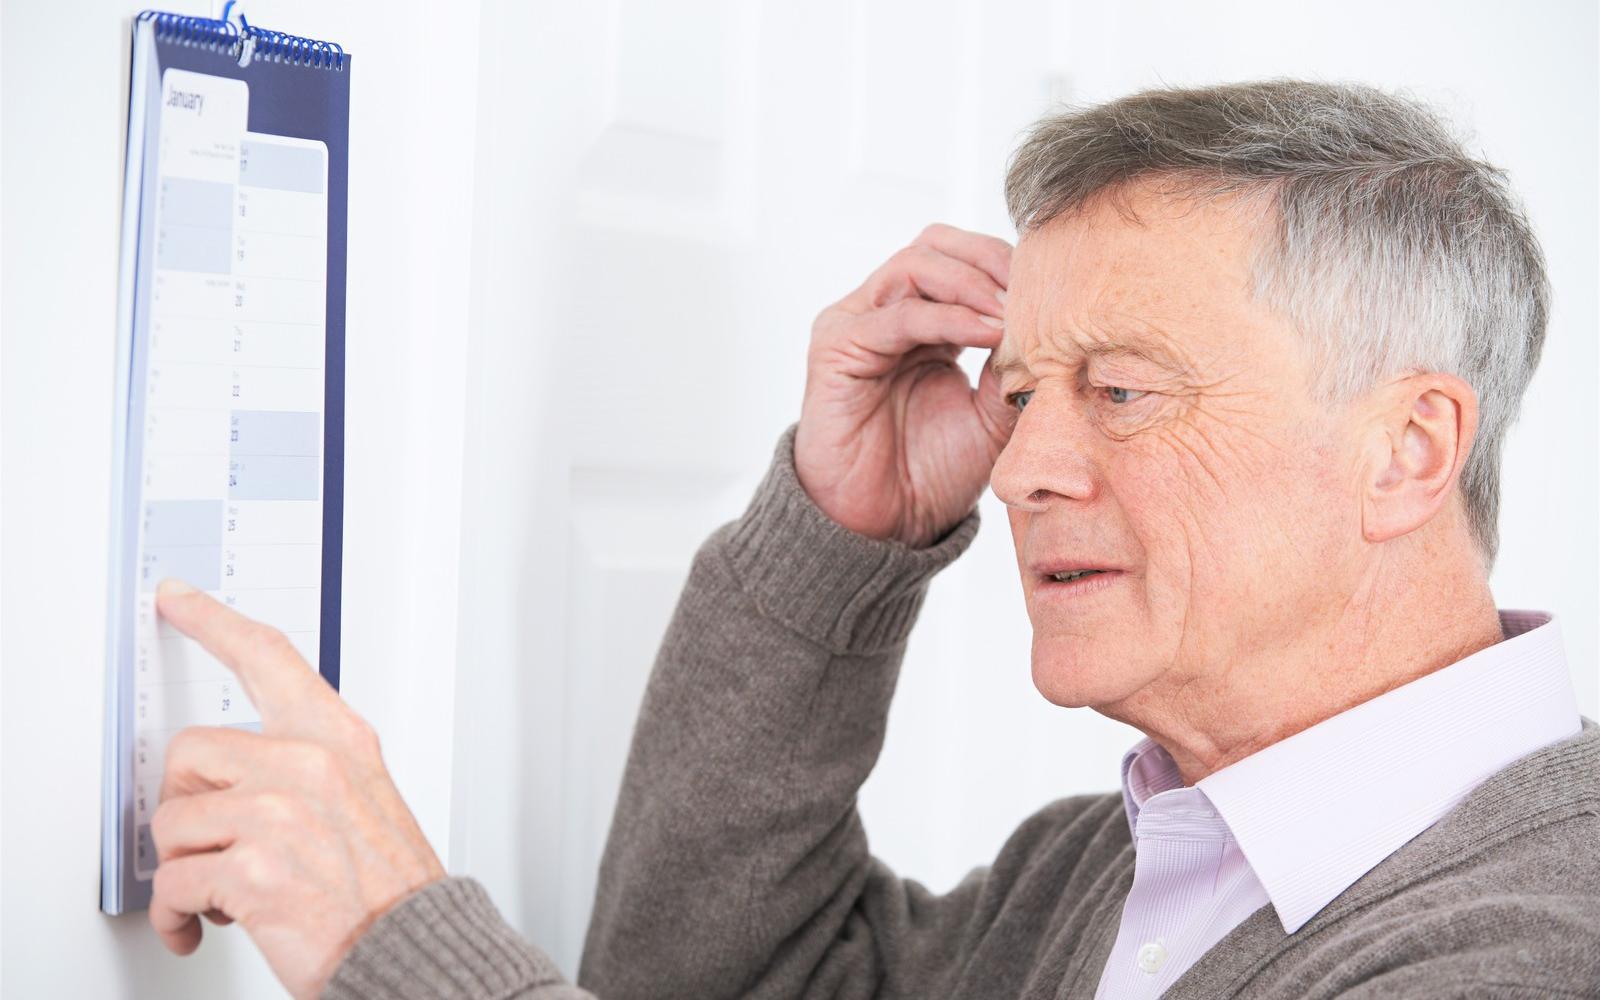 magas vérnyomás ember tünetei 1 fokos hipertóniával viszik-e a rendőrségre